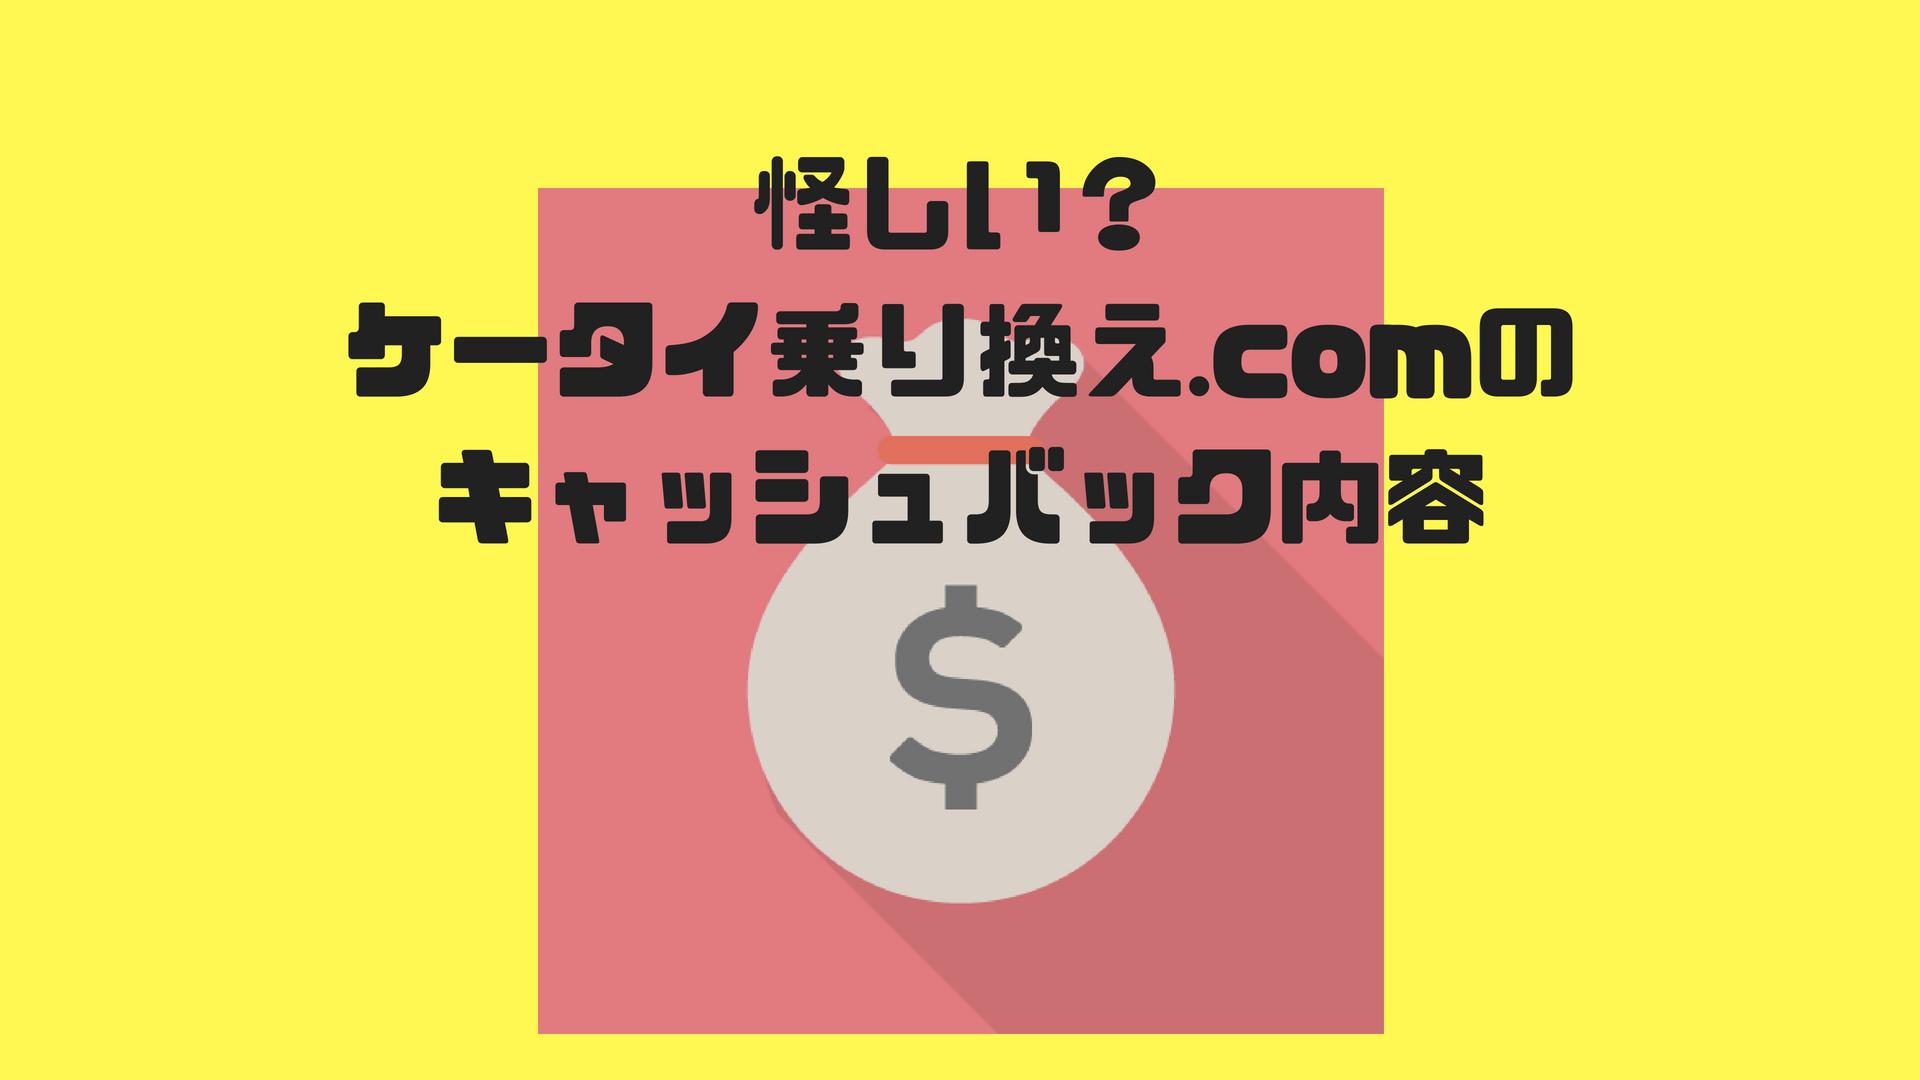 ケータイ乗り換え.com今月のキャンペーンコードまとめ 【体験レビュー】